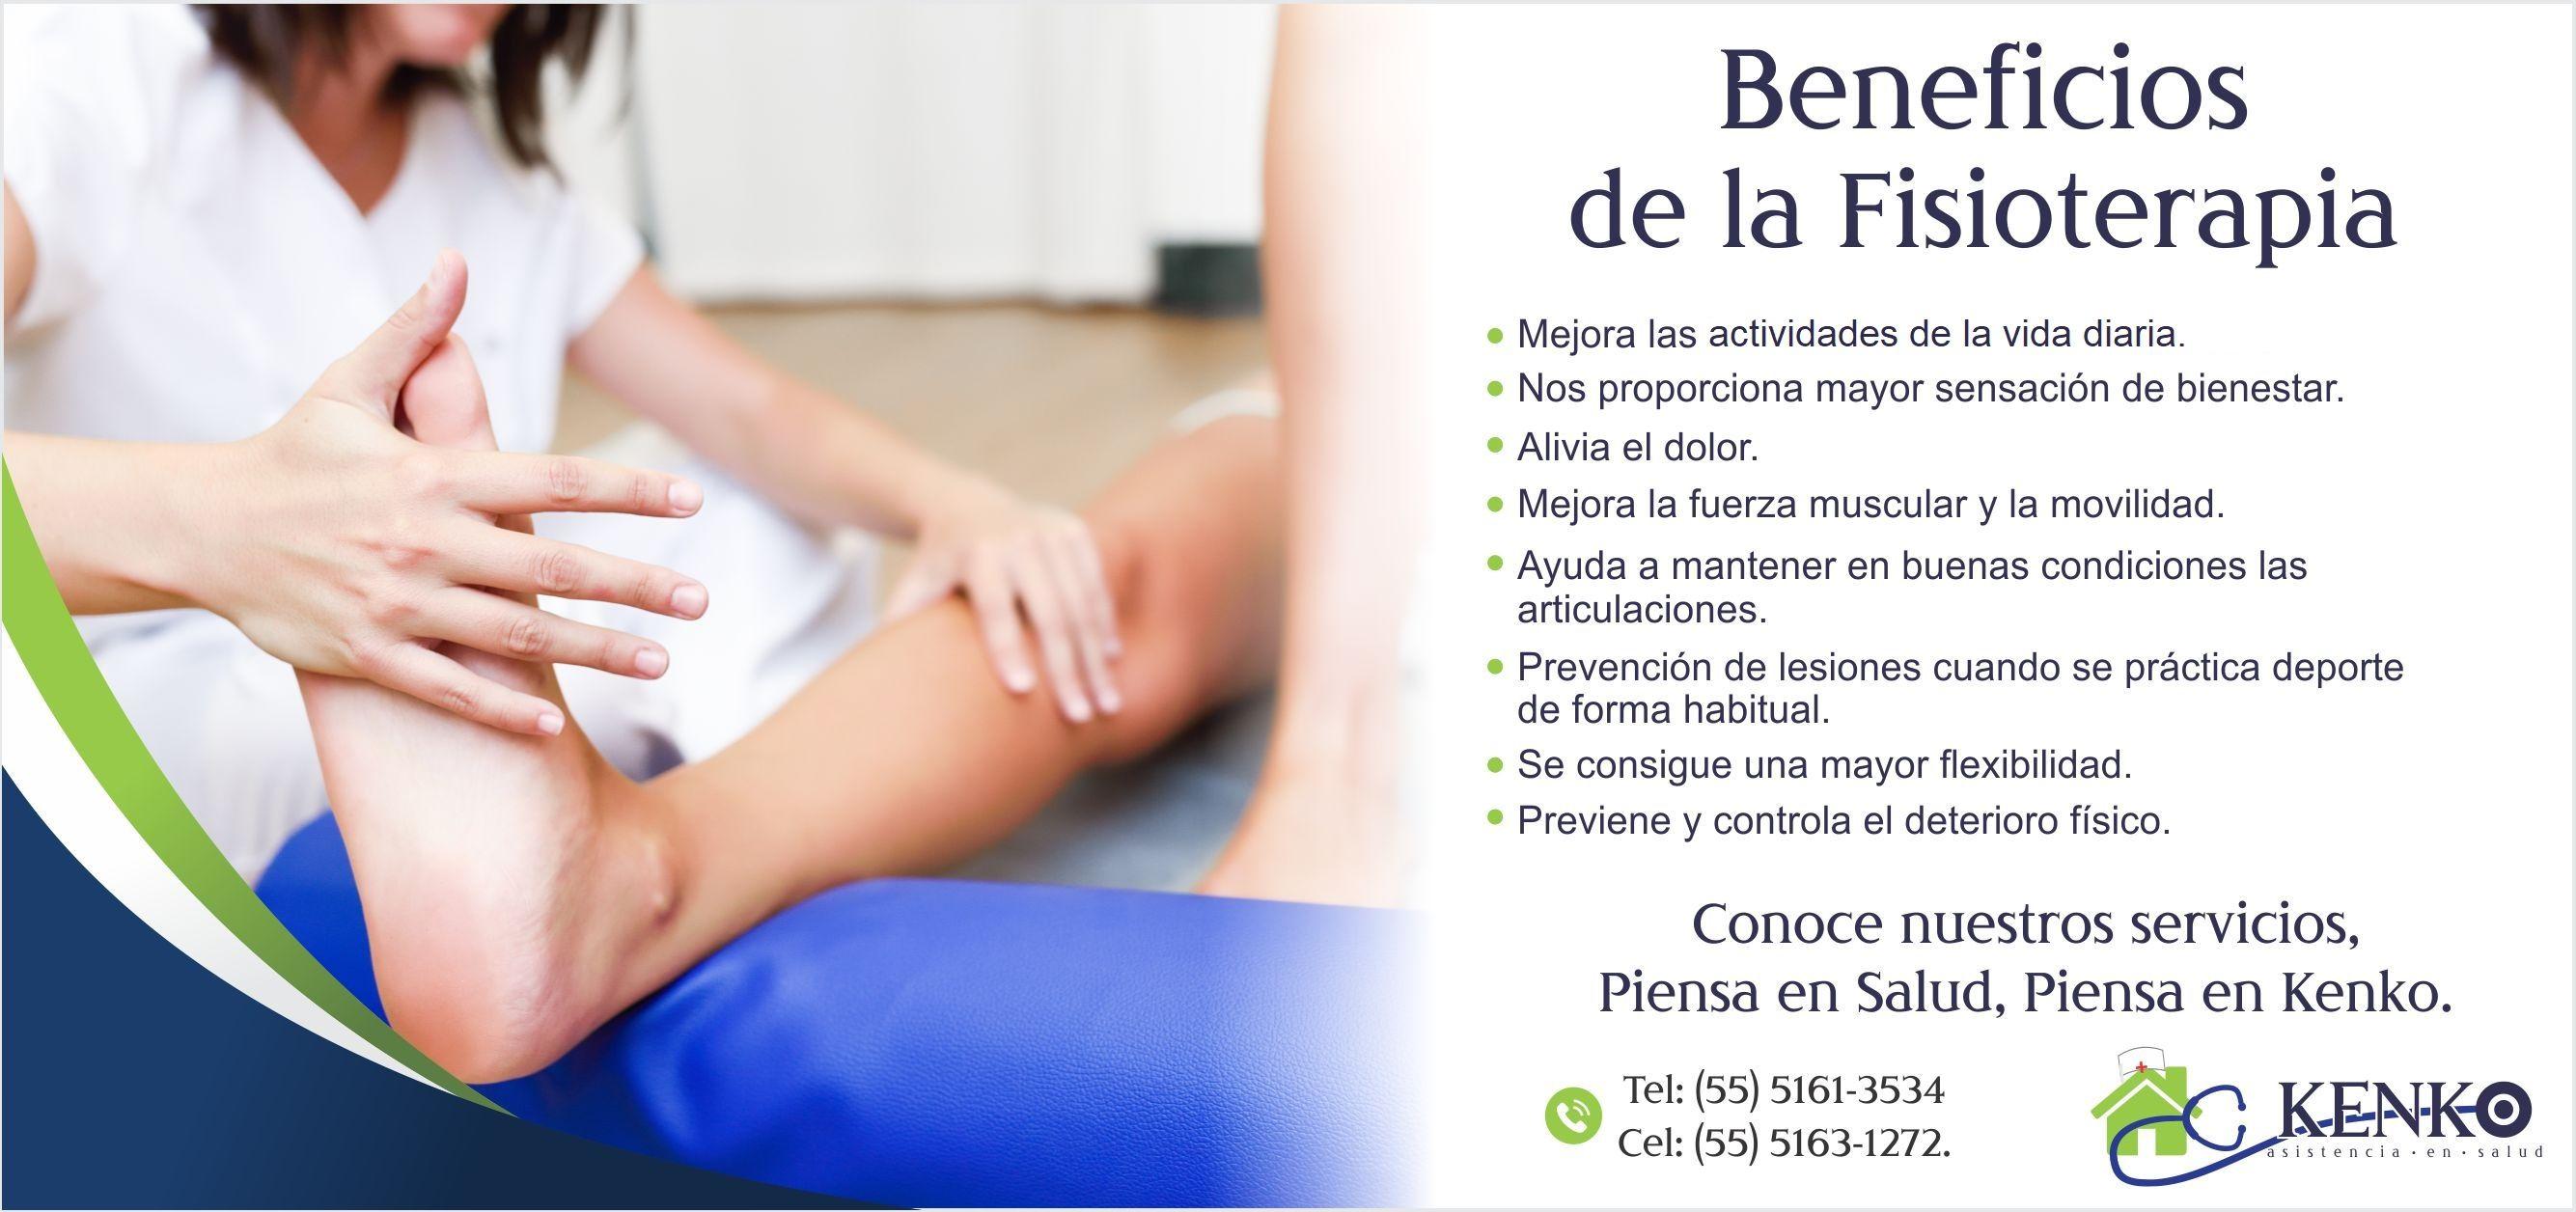 Fisioterapia para q sirve